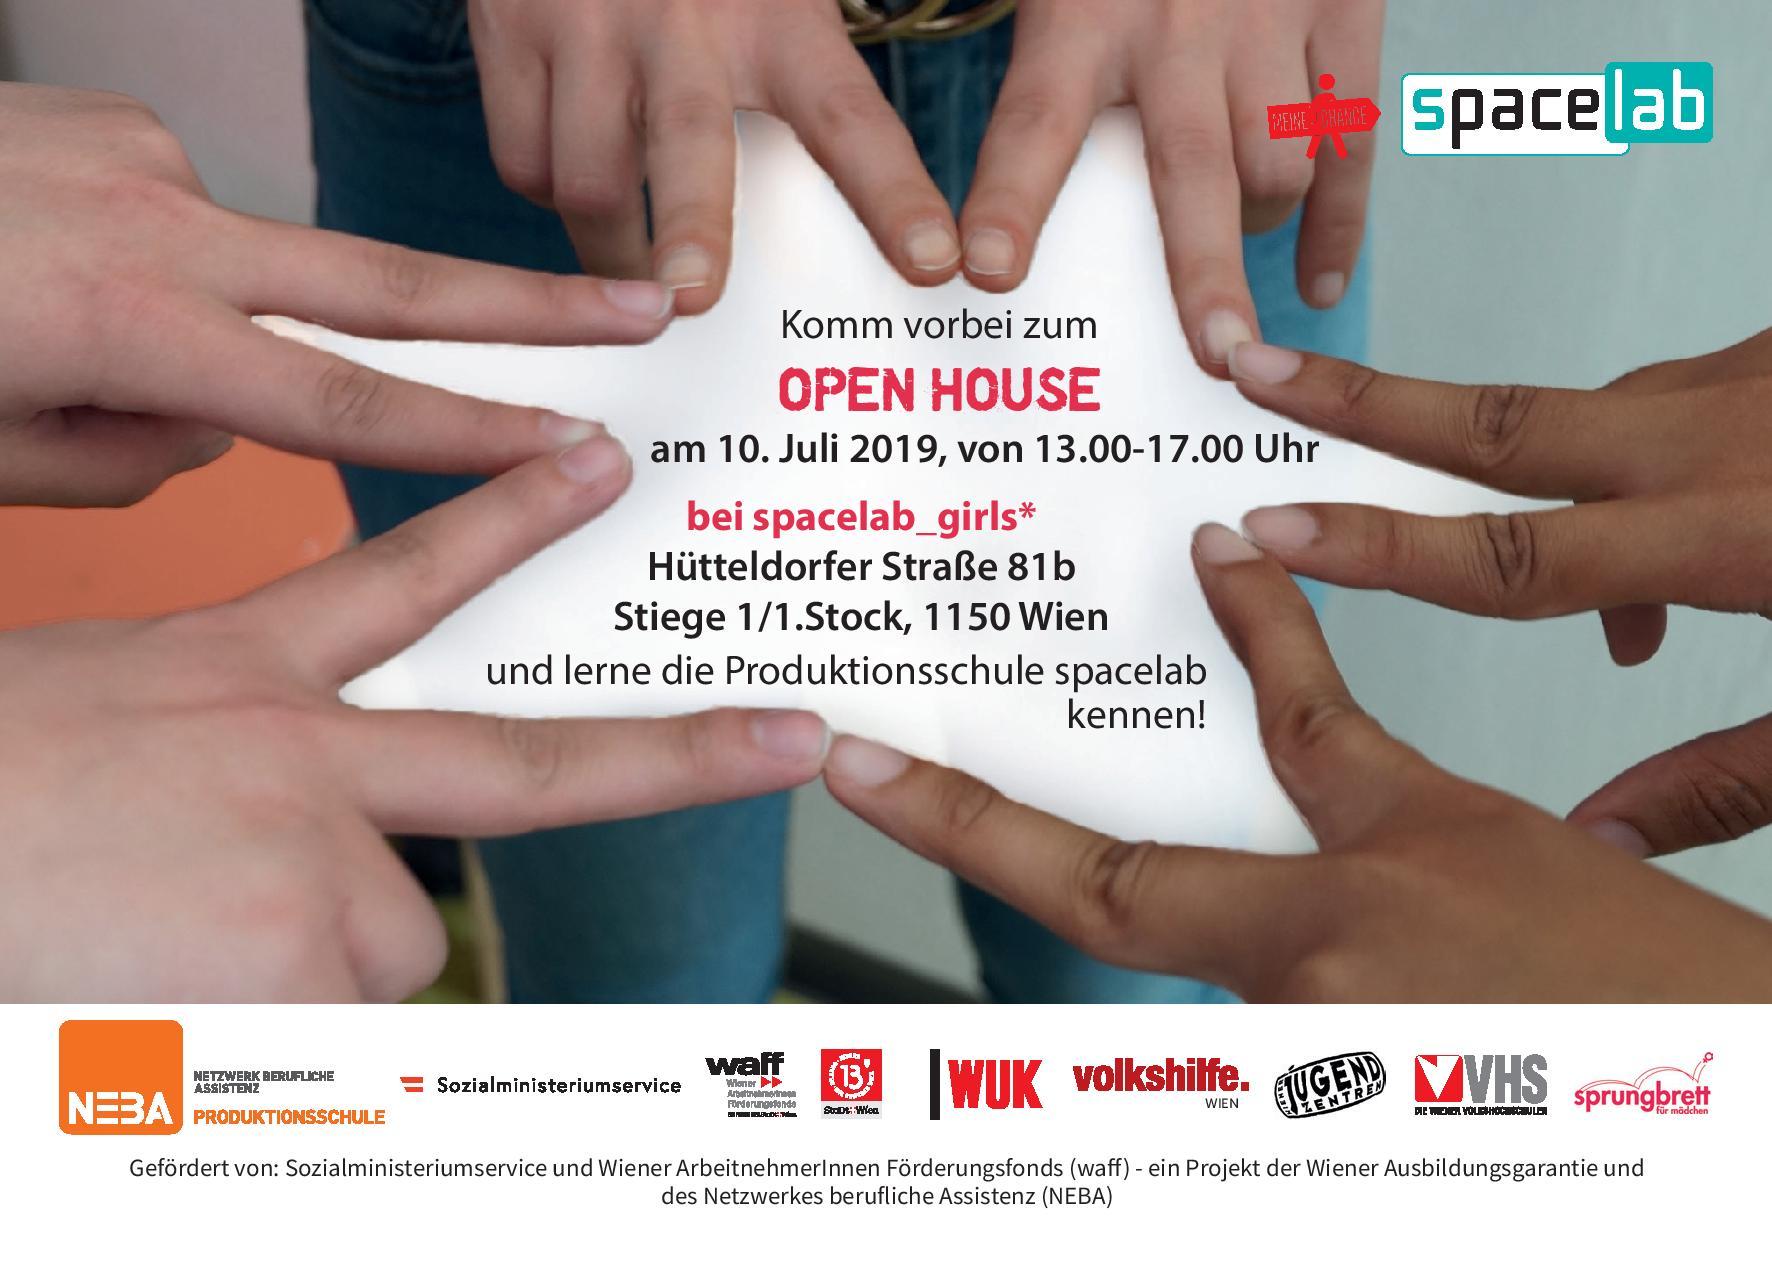 Flyer für das Open House bei spacelab_girls am 10.7.2019, von 13-17:00